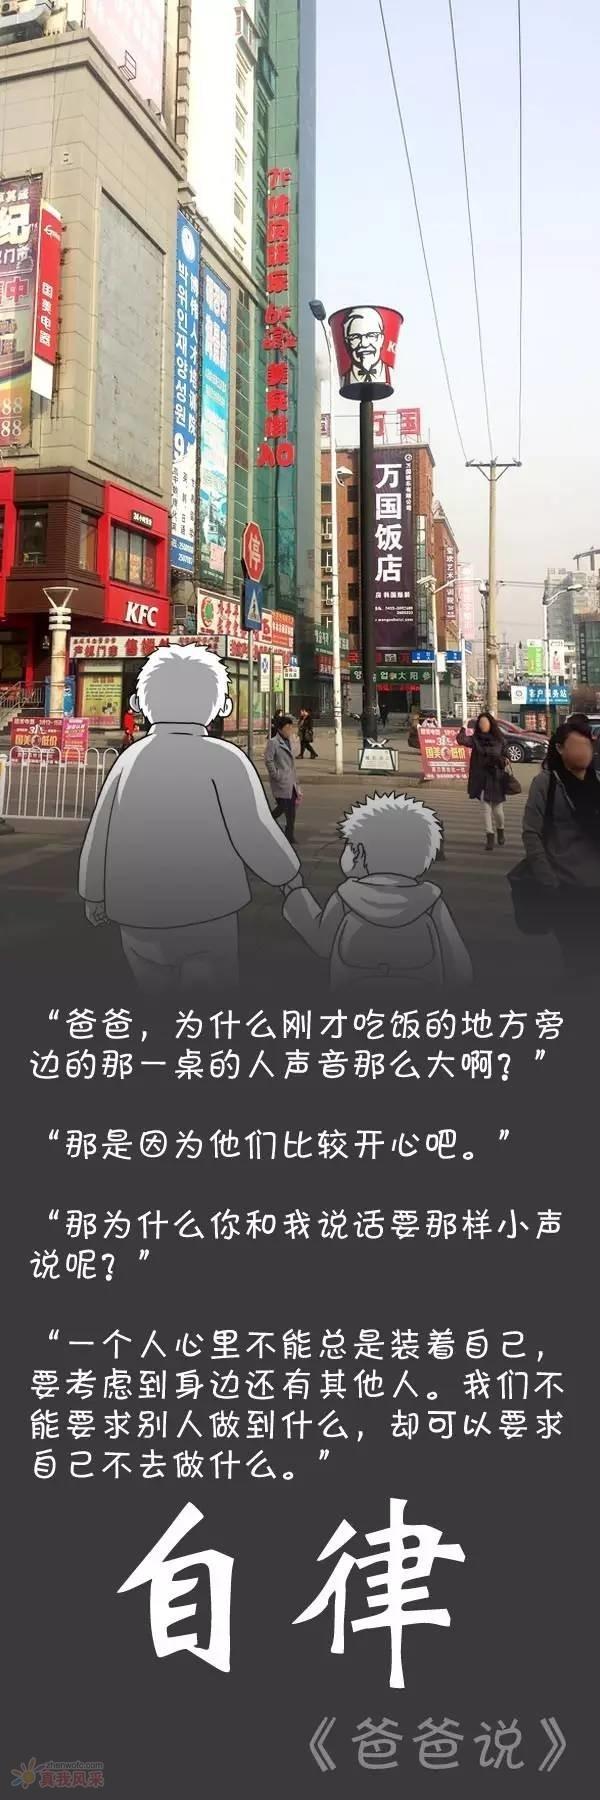 面对孩子提的问题,如何回答将影响孩子一生,请看这个爸爸如何回答